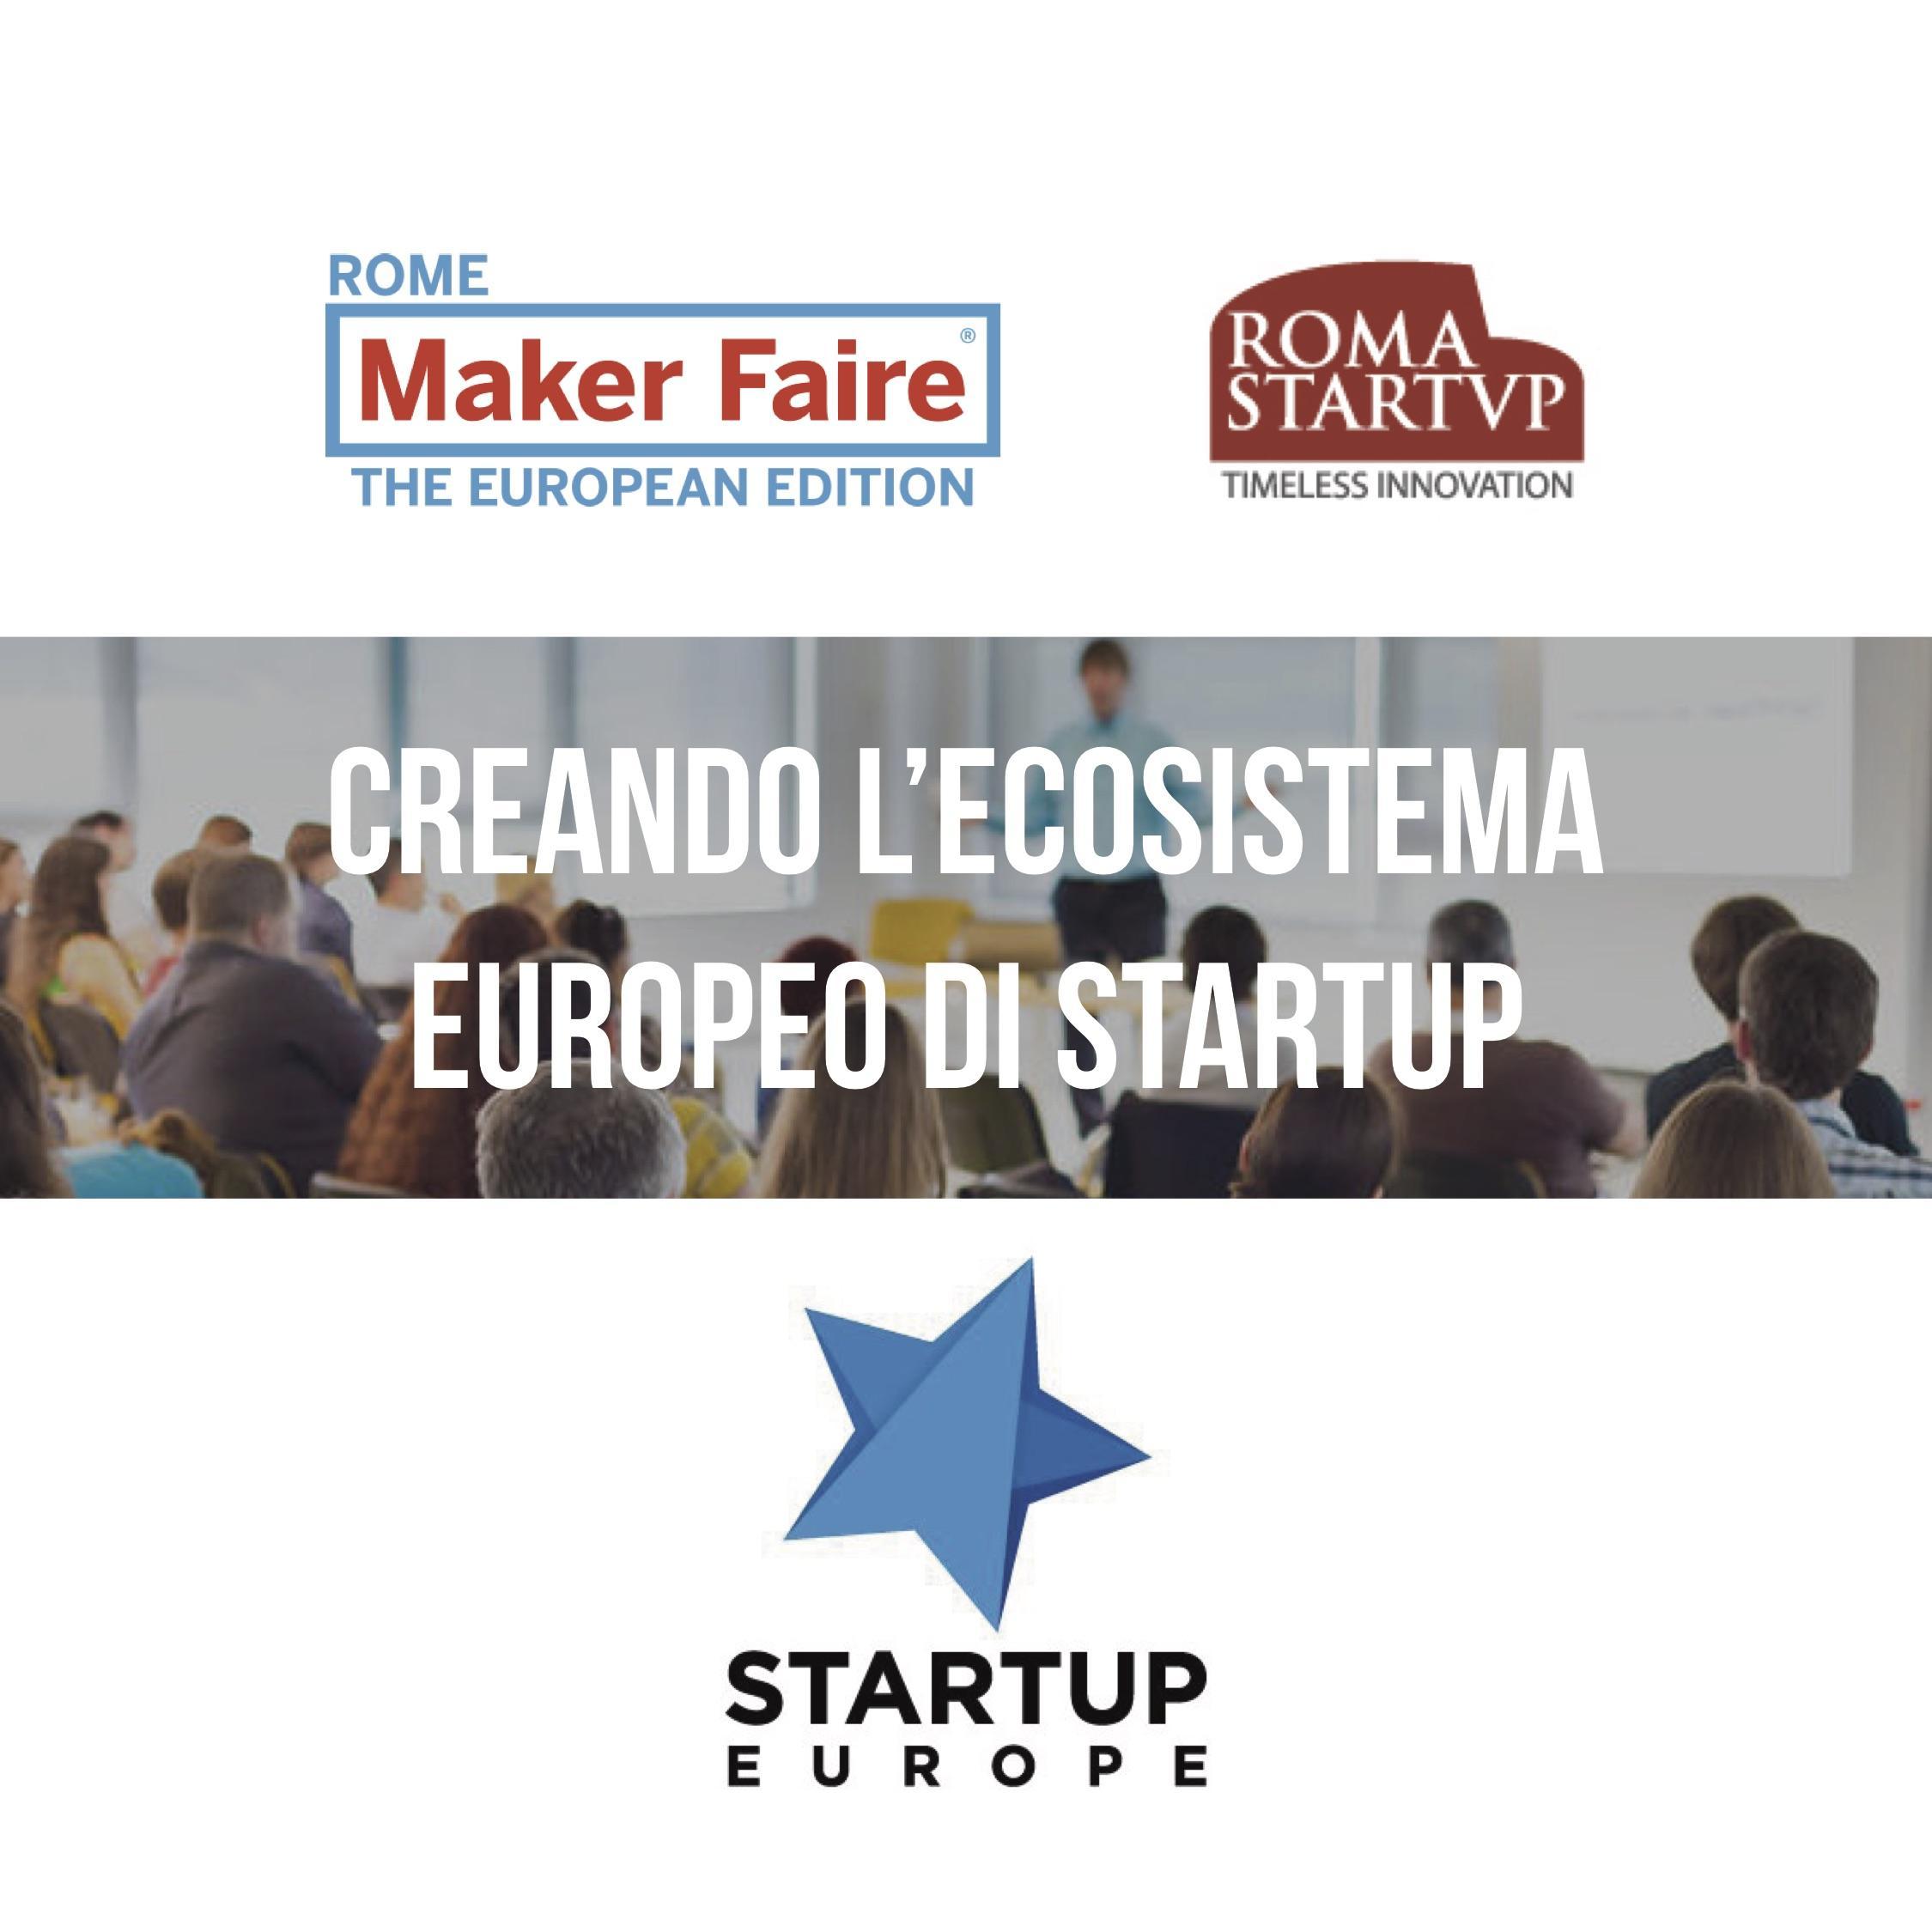 Creando l'Ecosistema Europeo di Startup